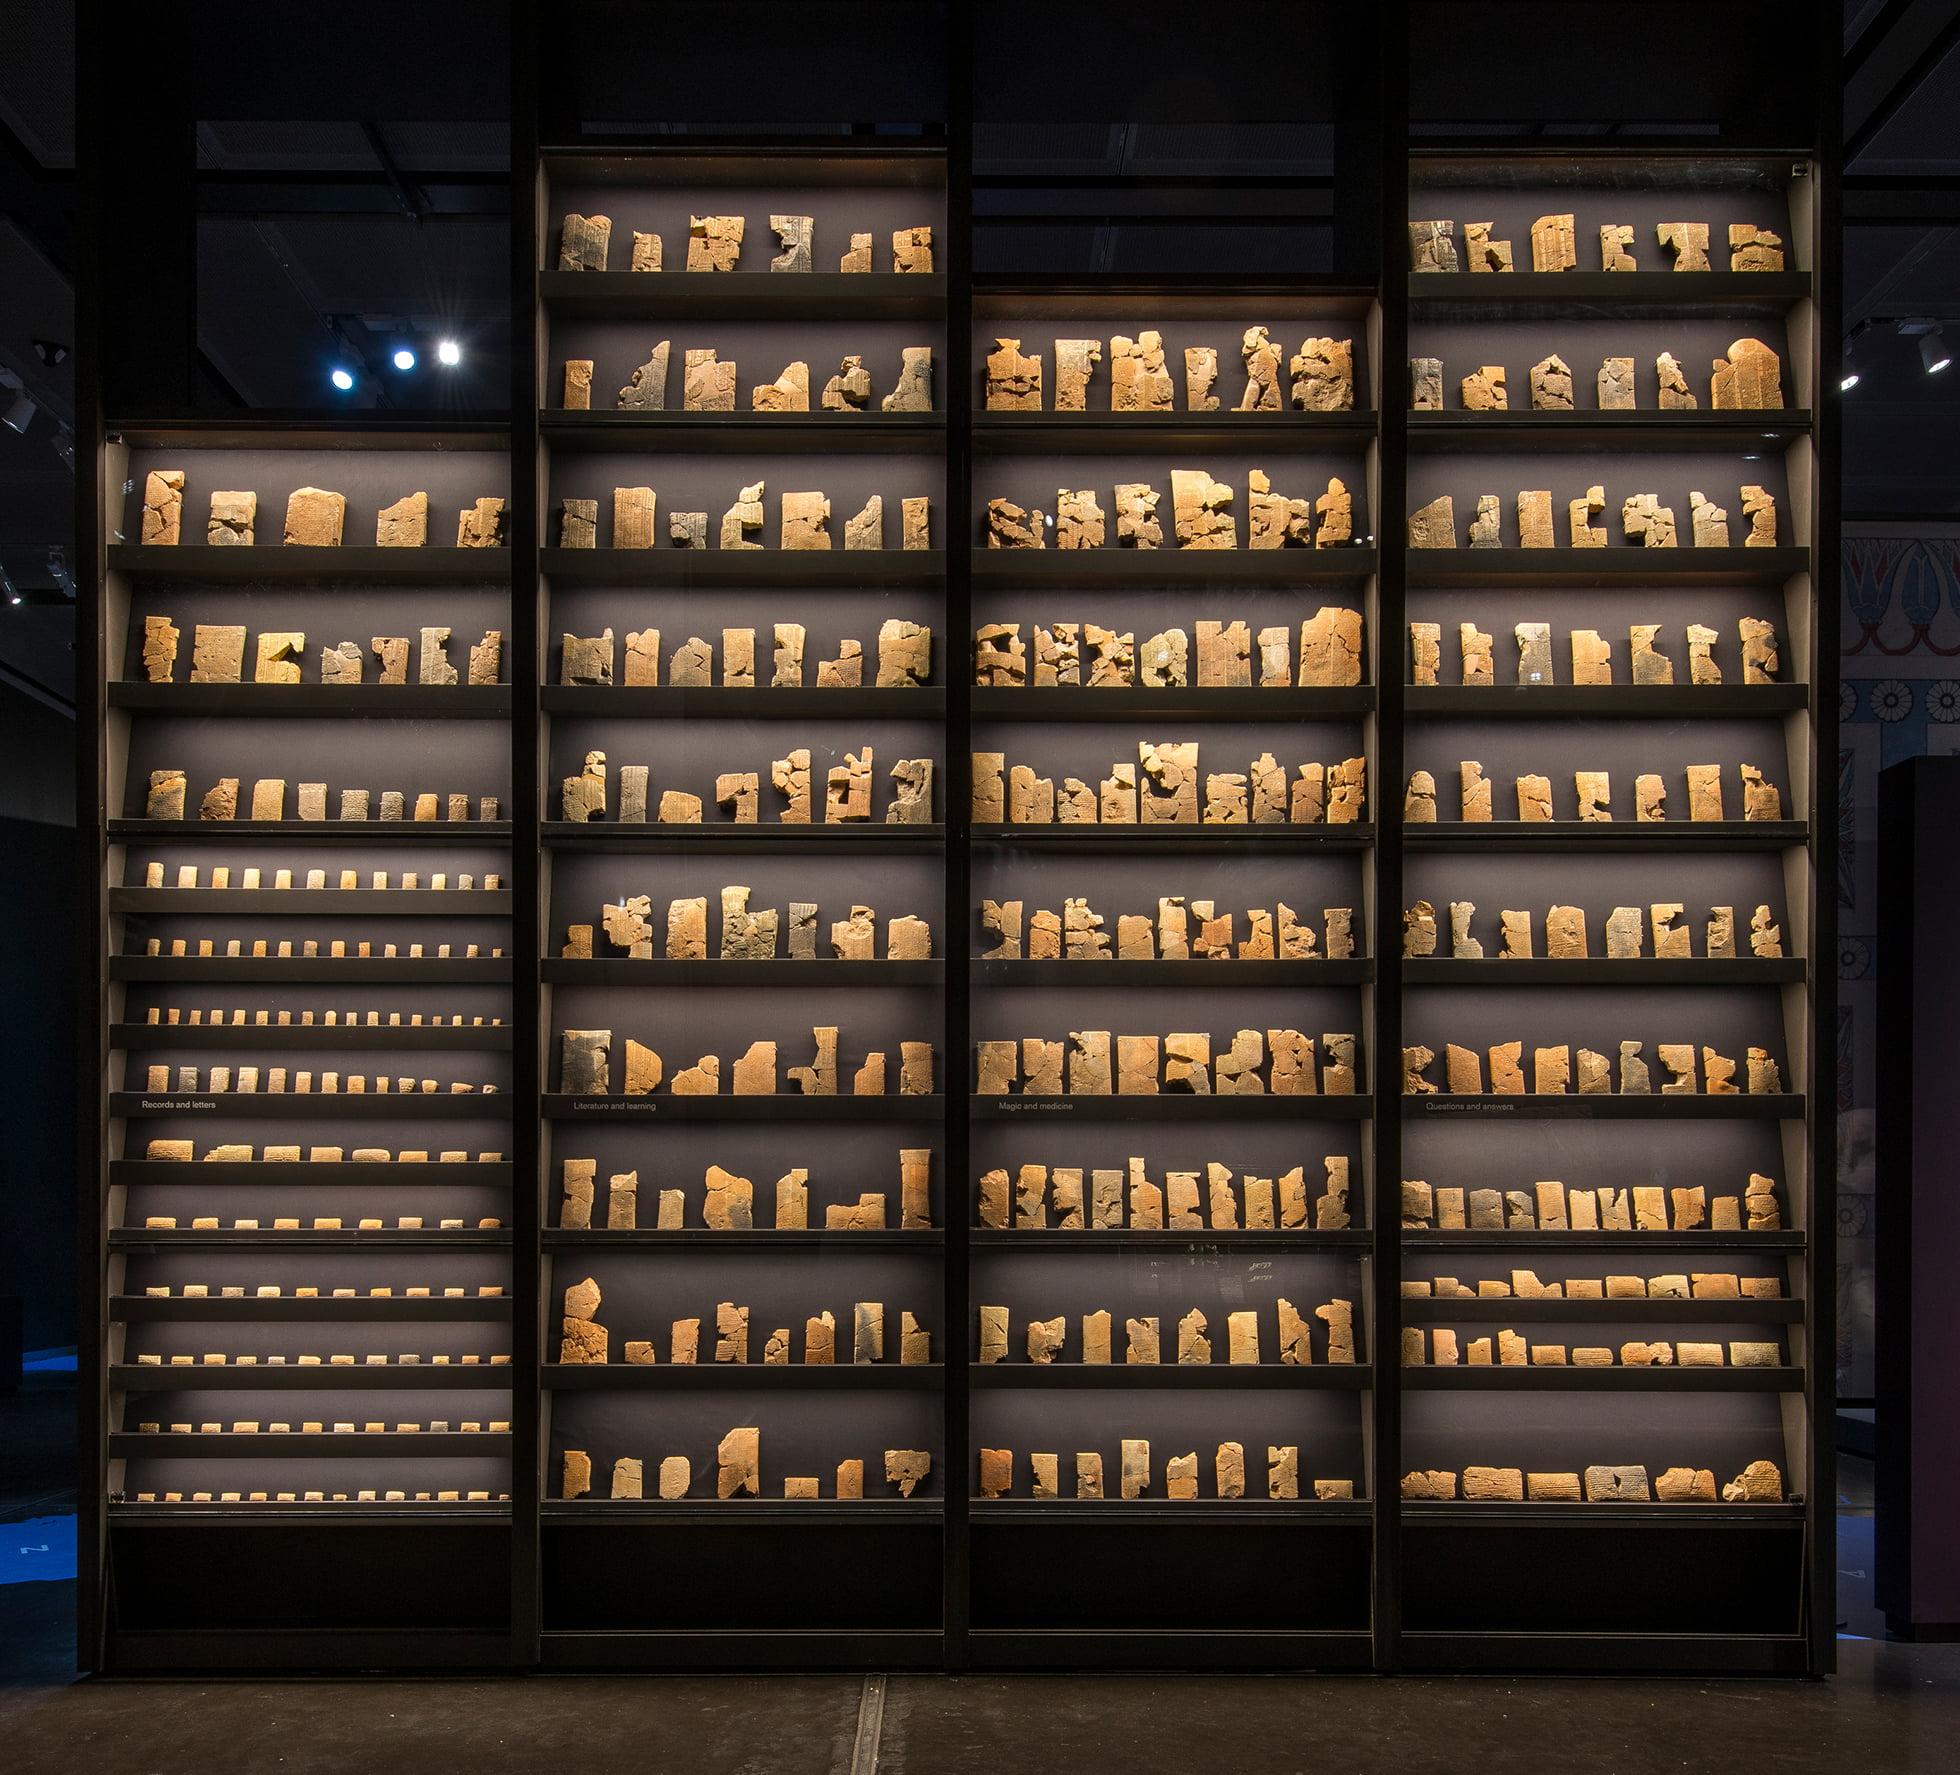 לוחות אשוריים במוזיאון הבריטי